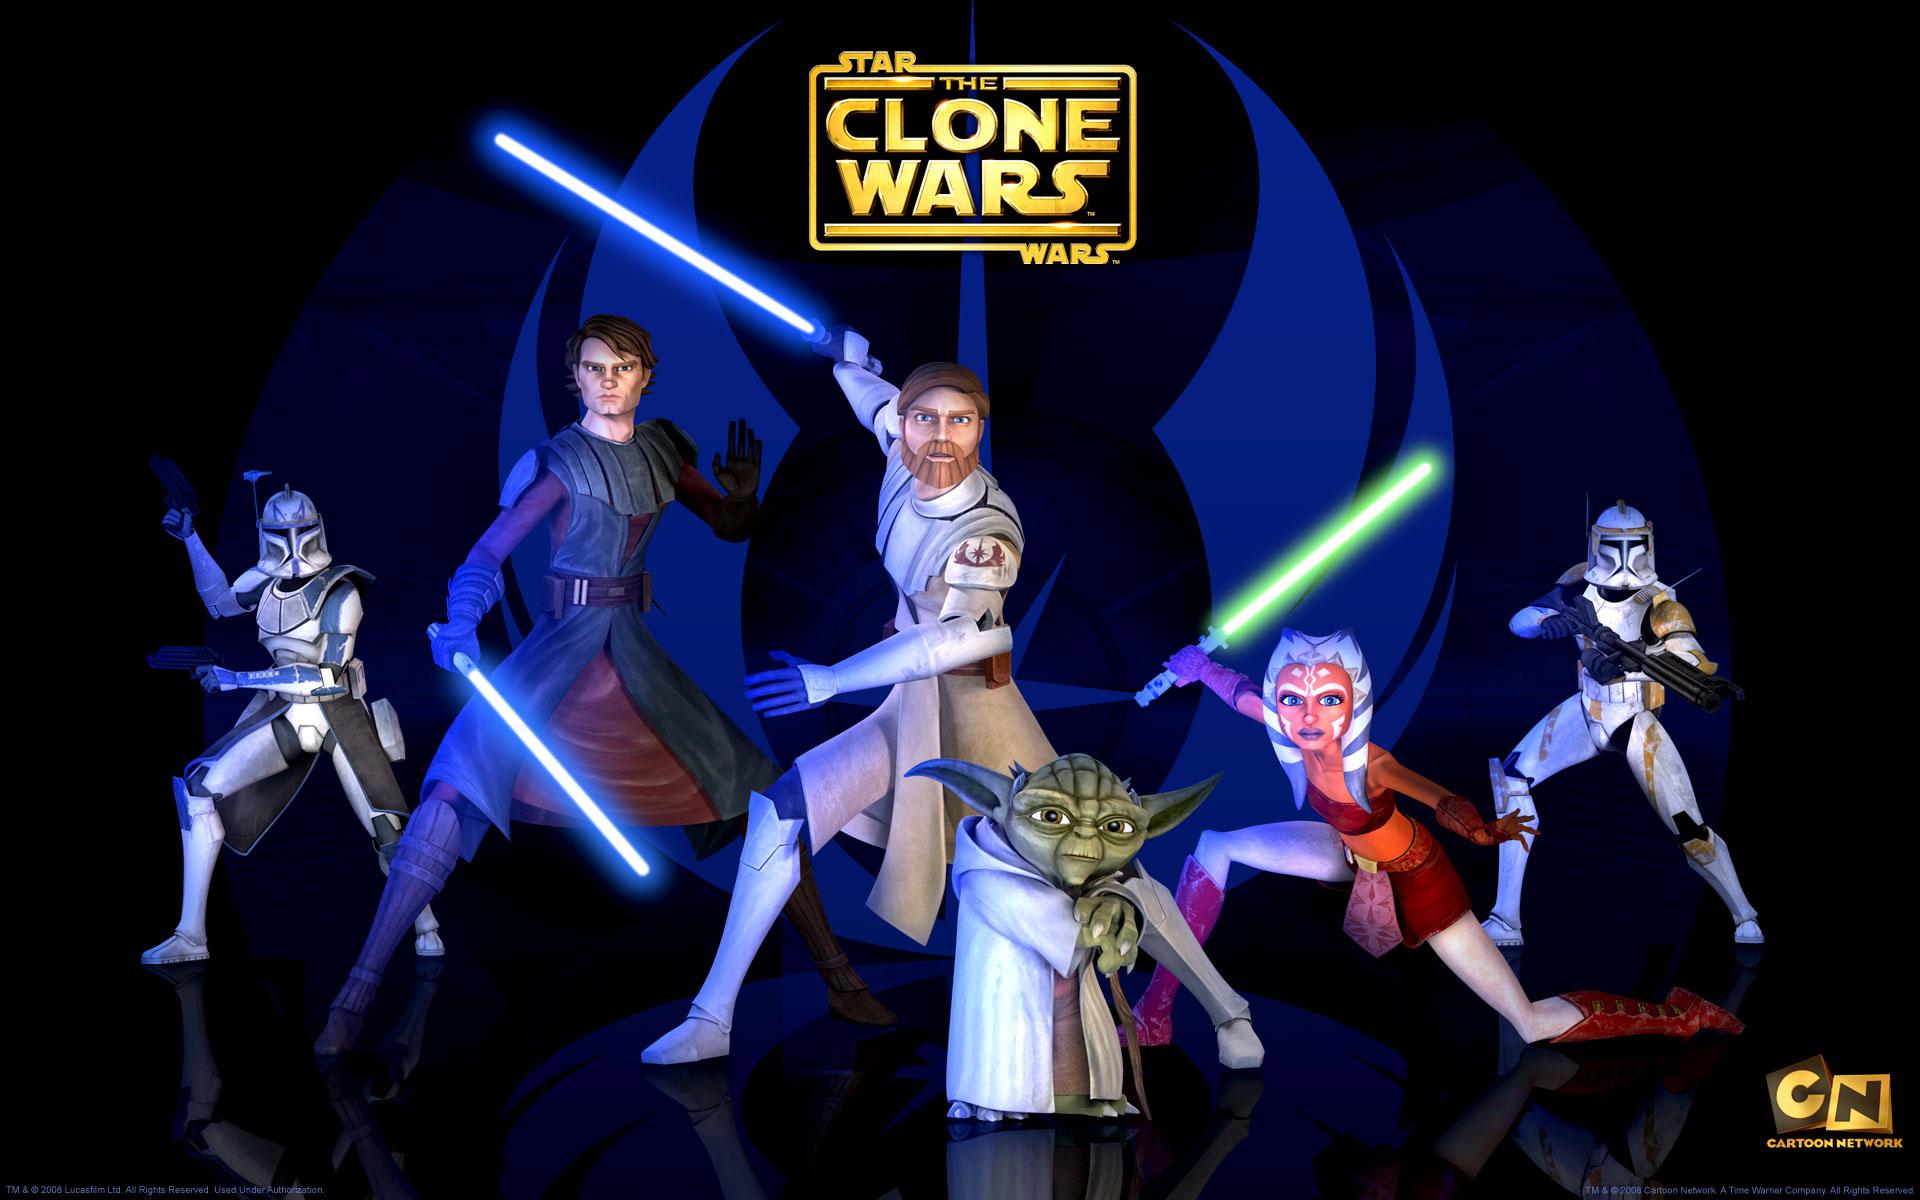 Star Wars The Clone Wars wallpaper   233606 1920x1200